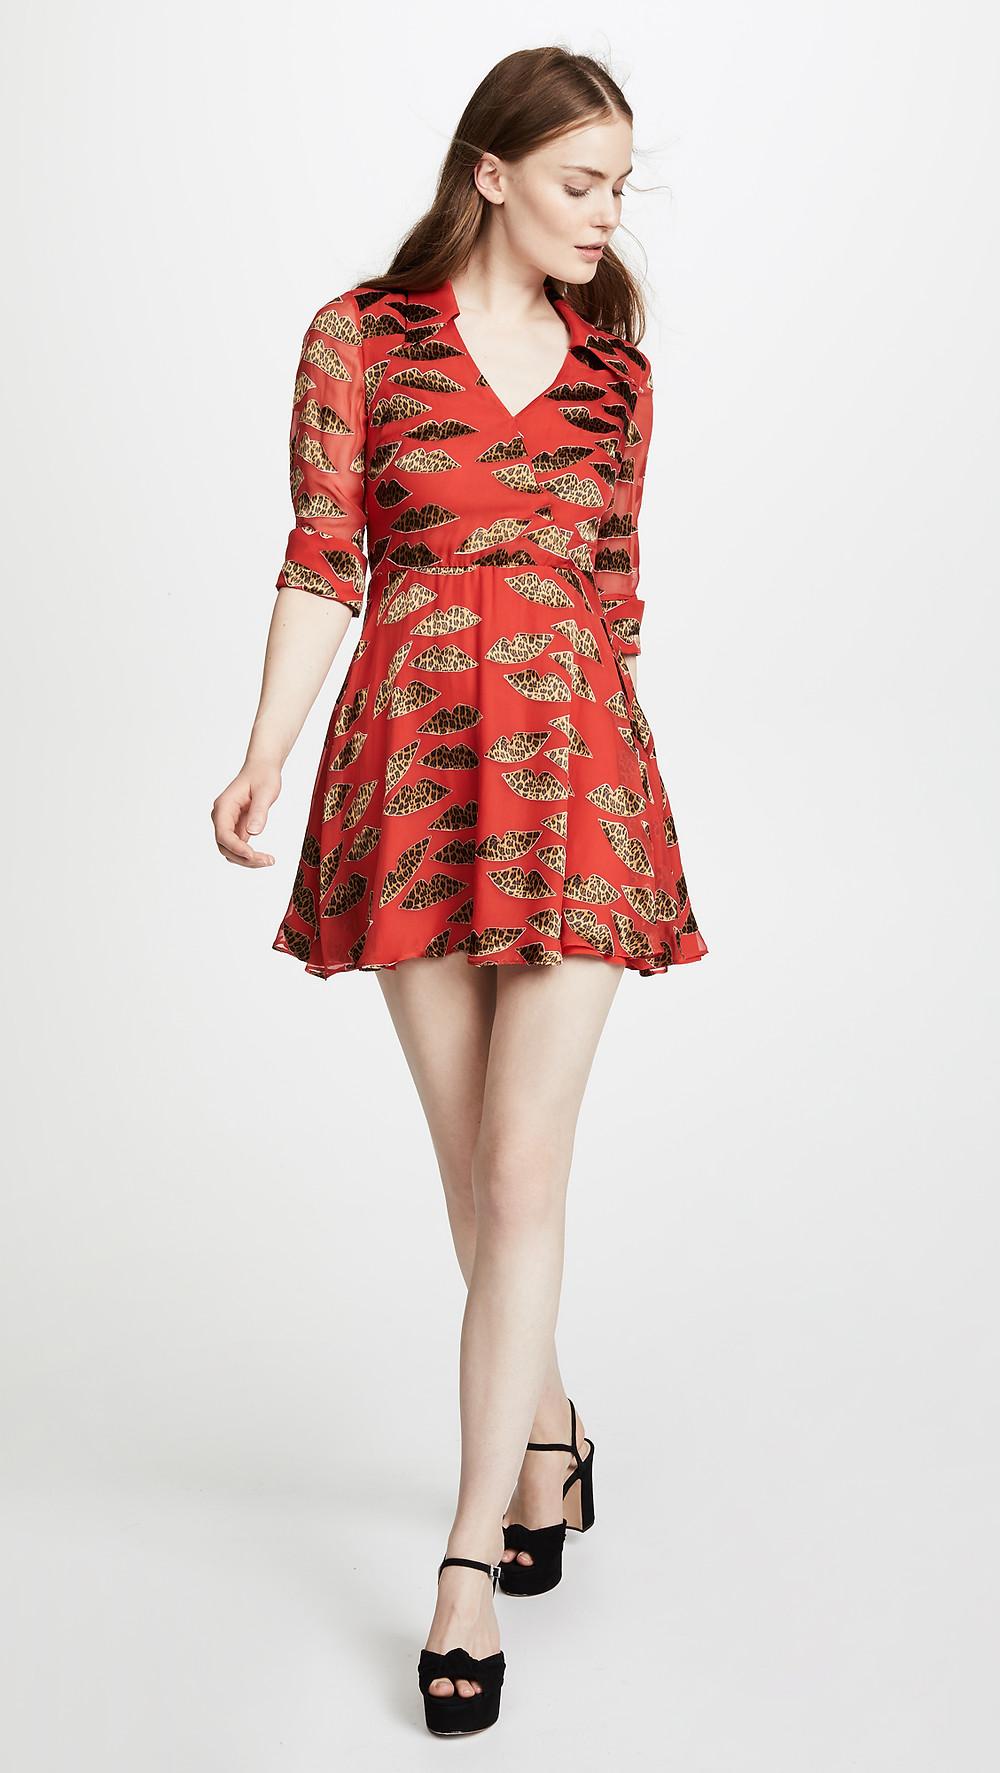 alice + olivia Catina Dress in leopard-print $395